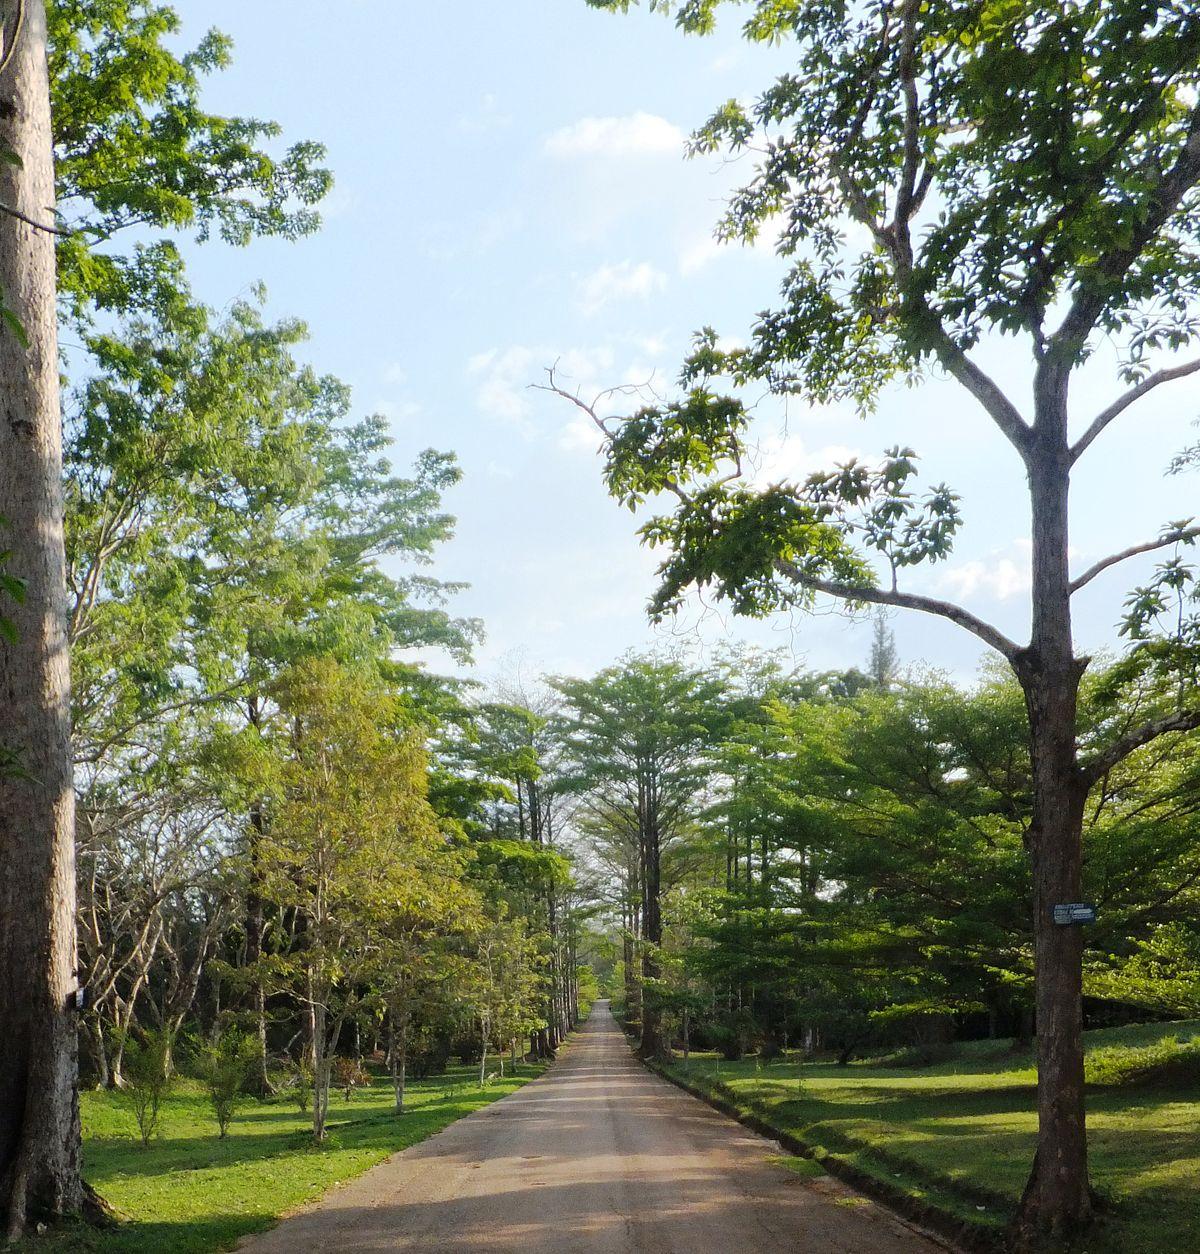 Jardin botanique de kisantu wikip dia for Jardin botanique de conception